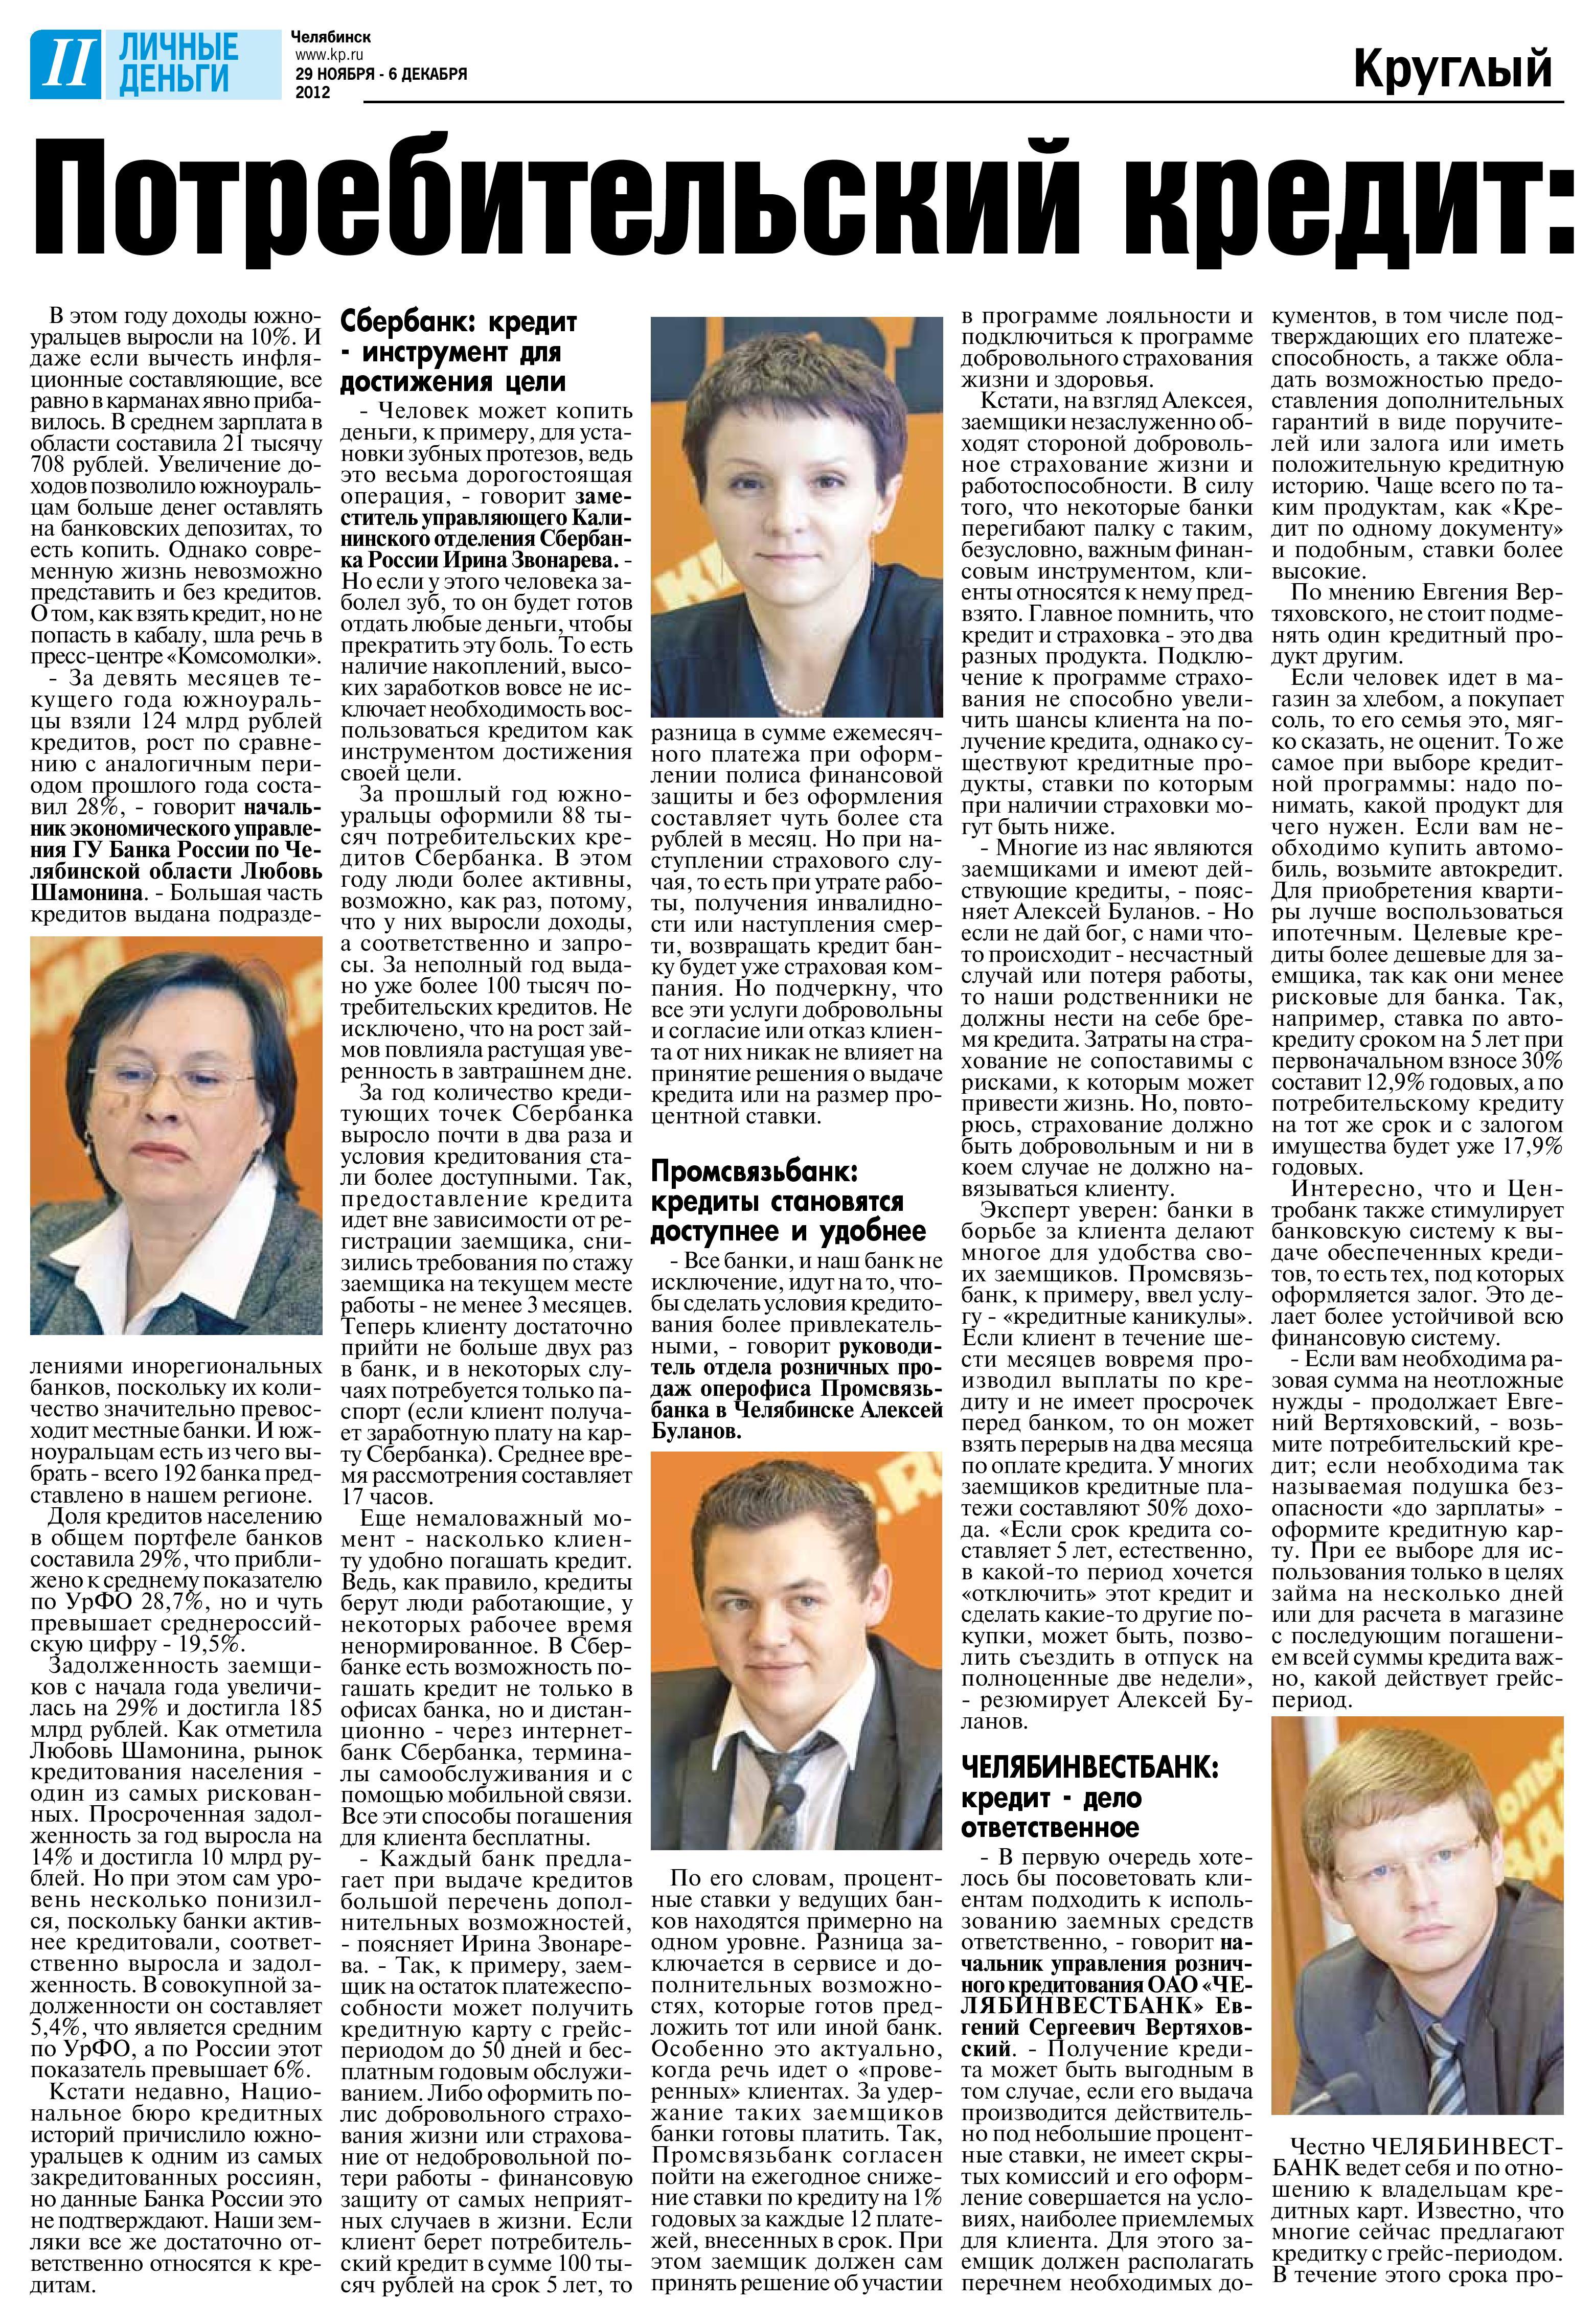 КПК Урал-Финанс